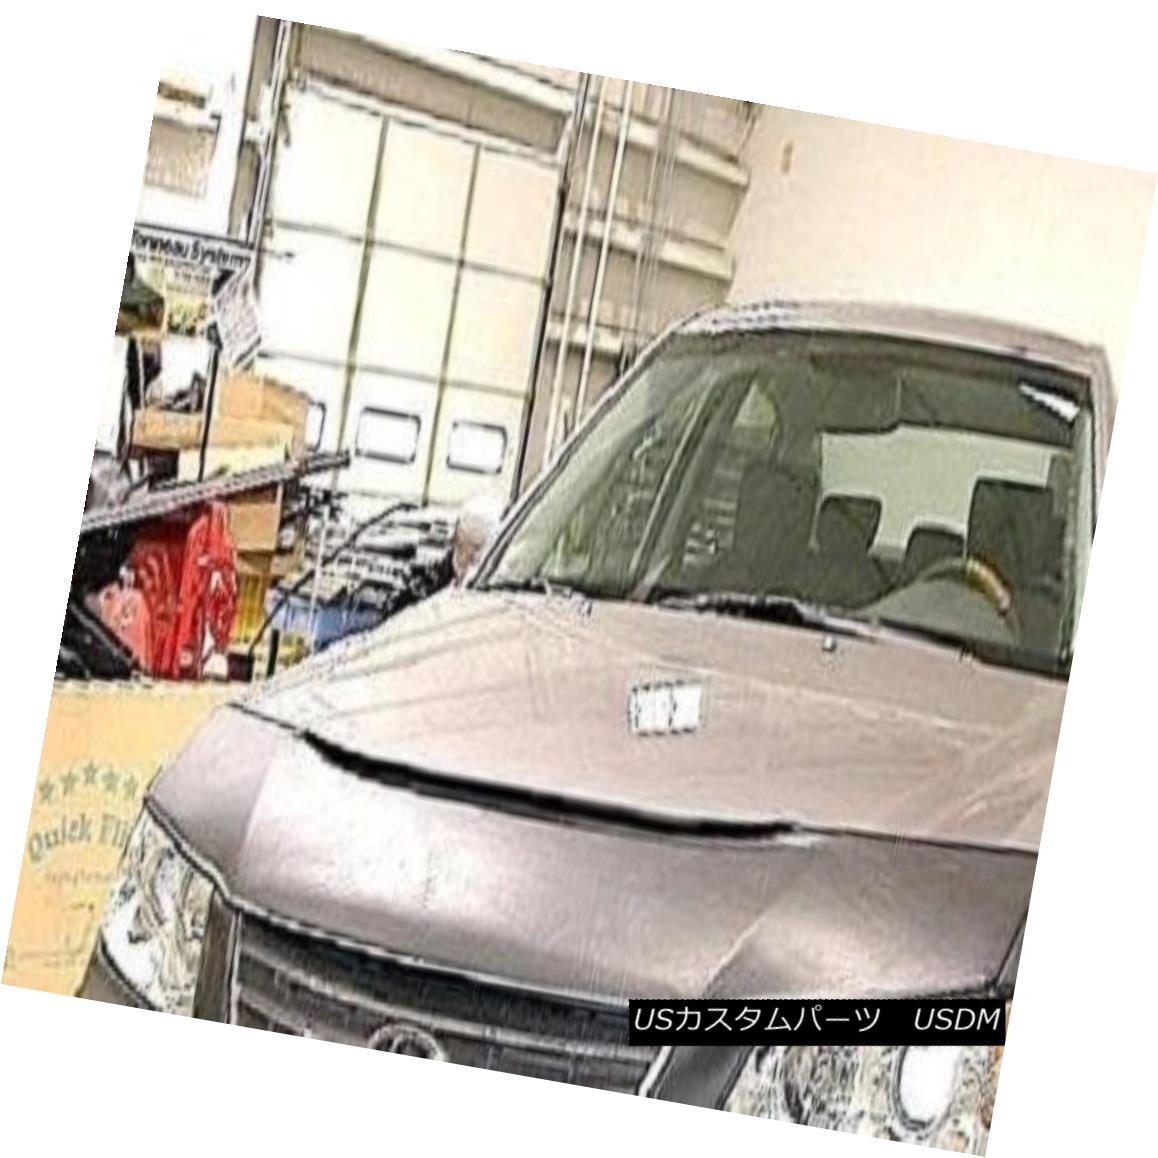 フルブラ ノーズブラ Lebra Hood Protector Mini Mask Bra Fits 2012 2013 2014 12 13 14 Hyundai Azera Lebraフードプロテクターミニマスクブラフィット2012 2013 2014 12 13 14 Hyundai Azera